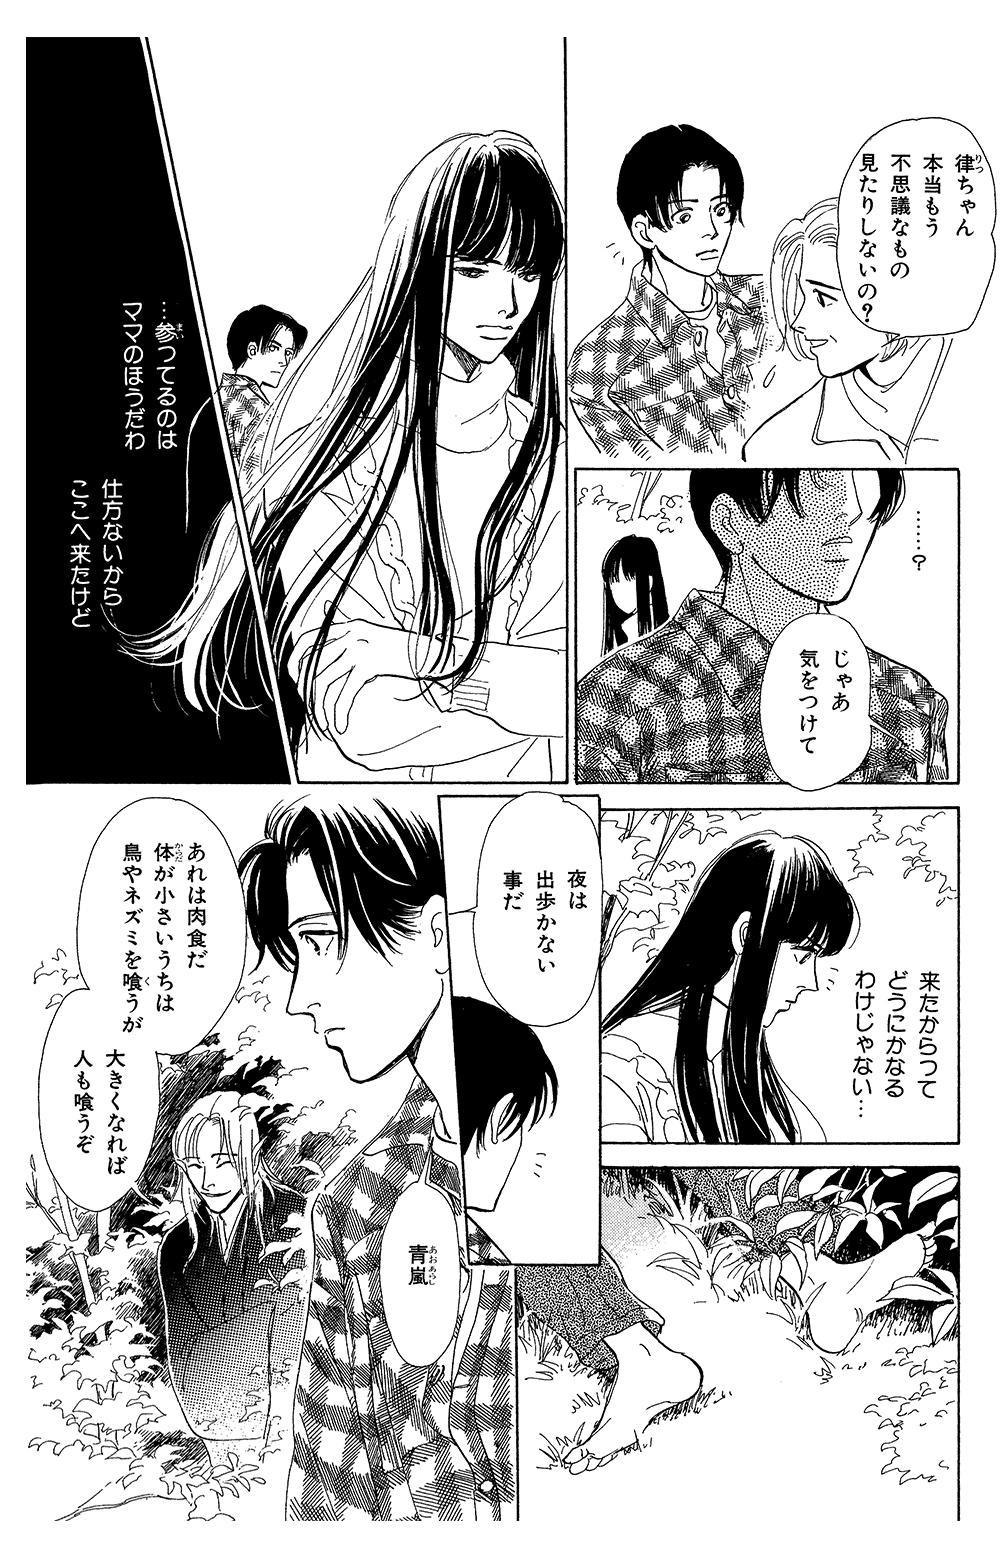 百鬼夜行抄 第1話「闇からの呼び声」③hyakki1-3-2.jpg